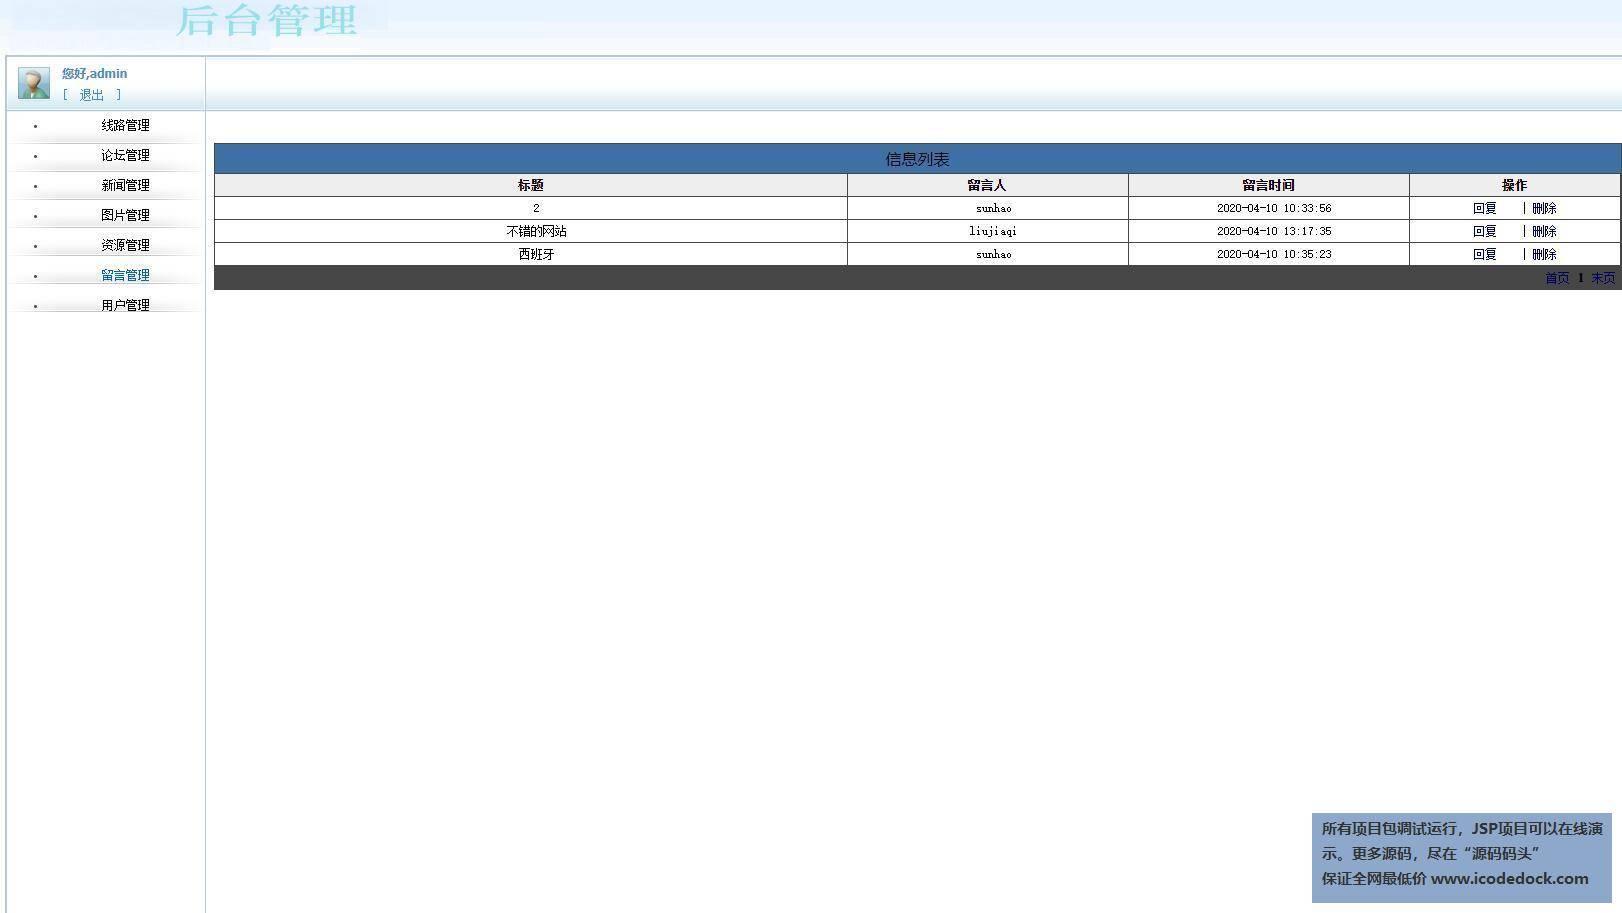 源码码头-SSH公交路线查询网站系统-管理员角色-留言管理